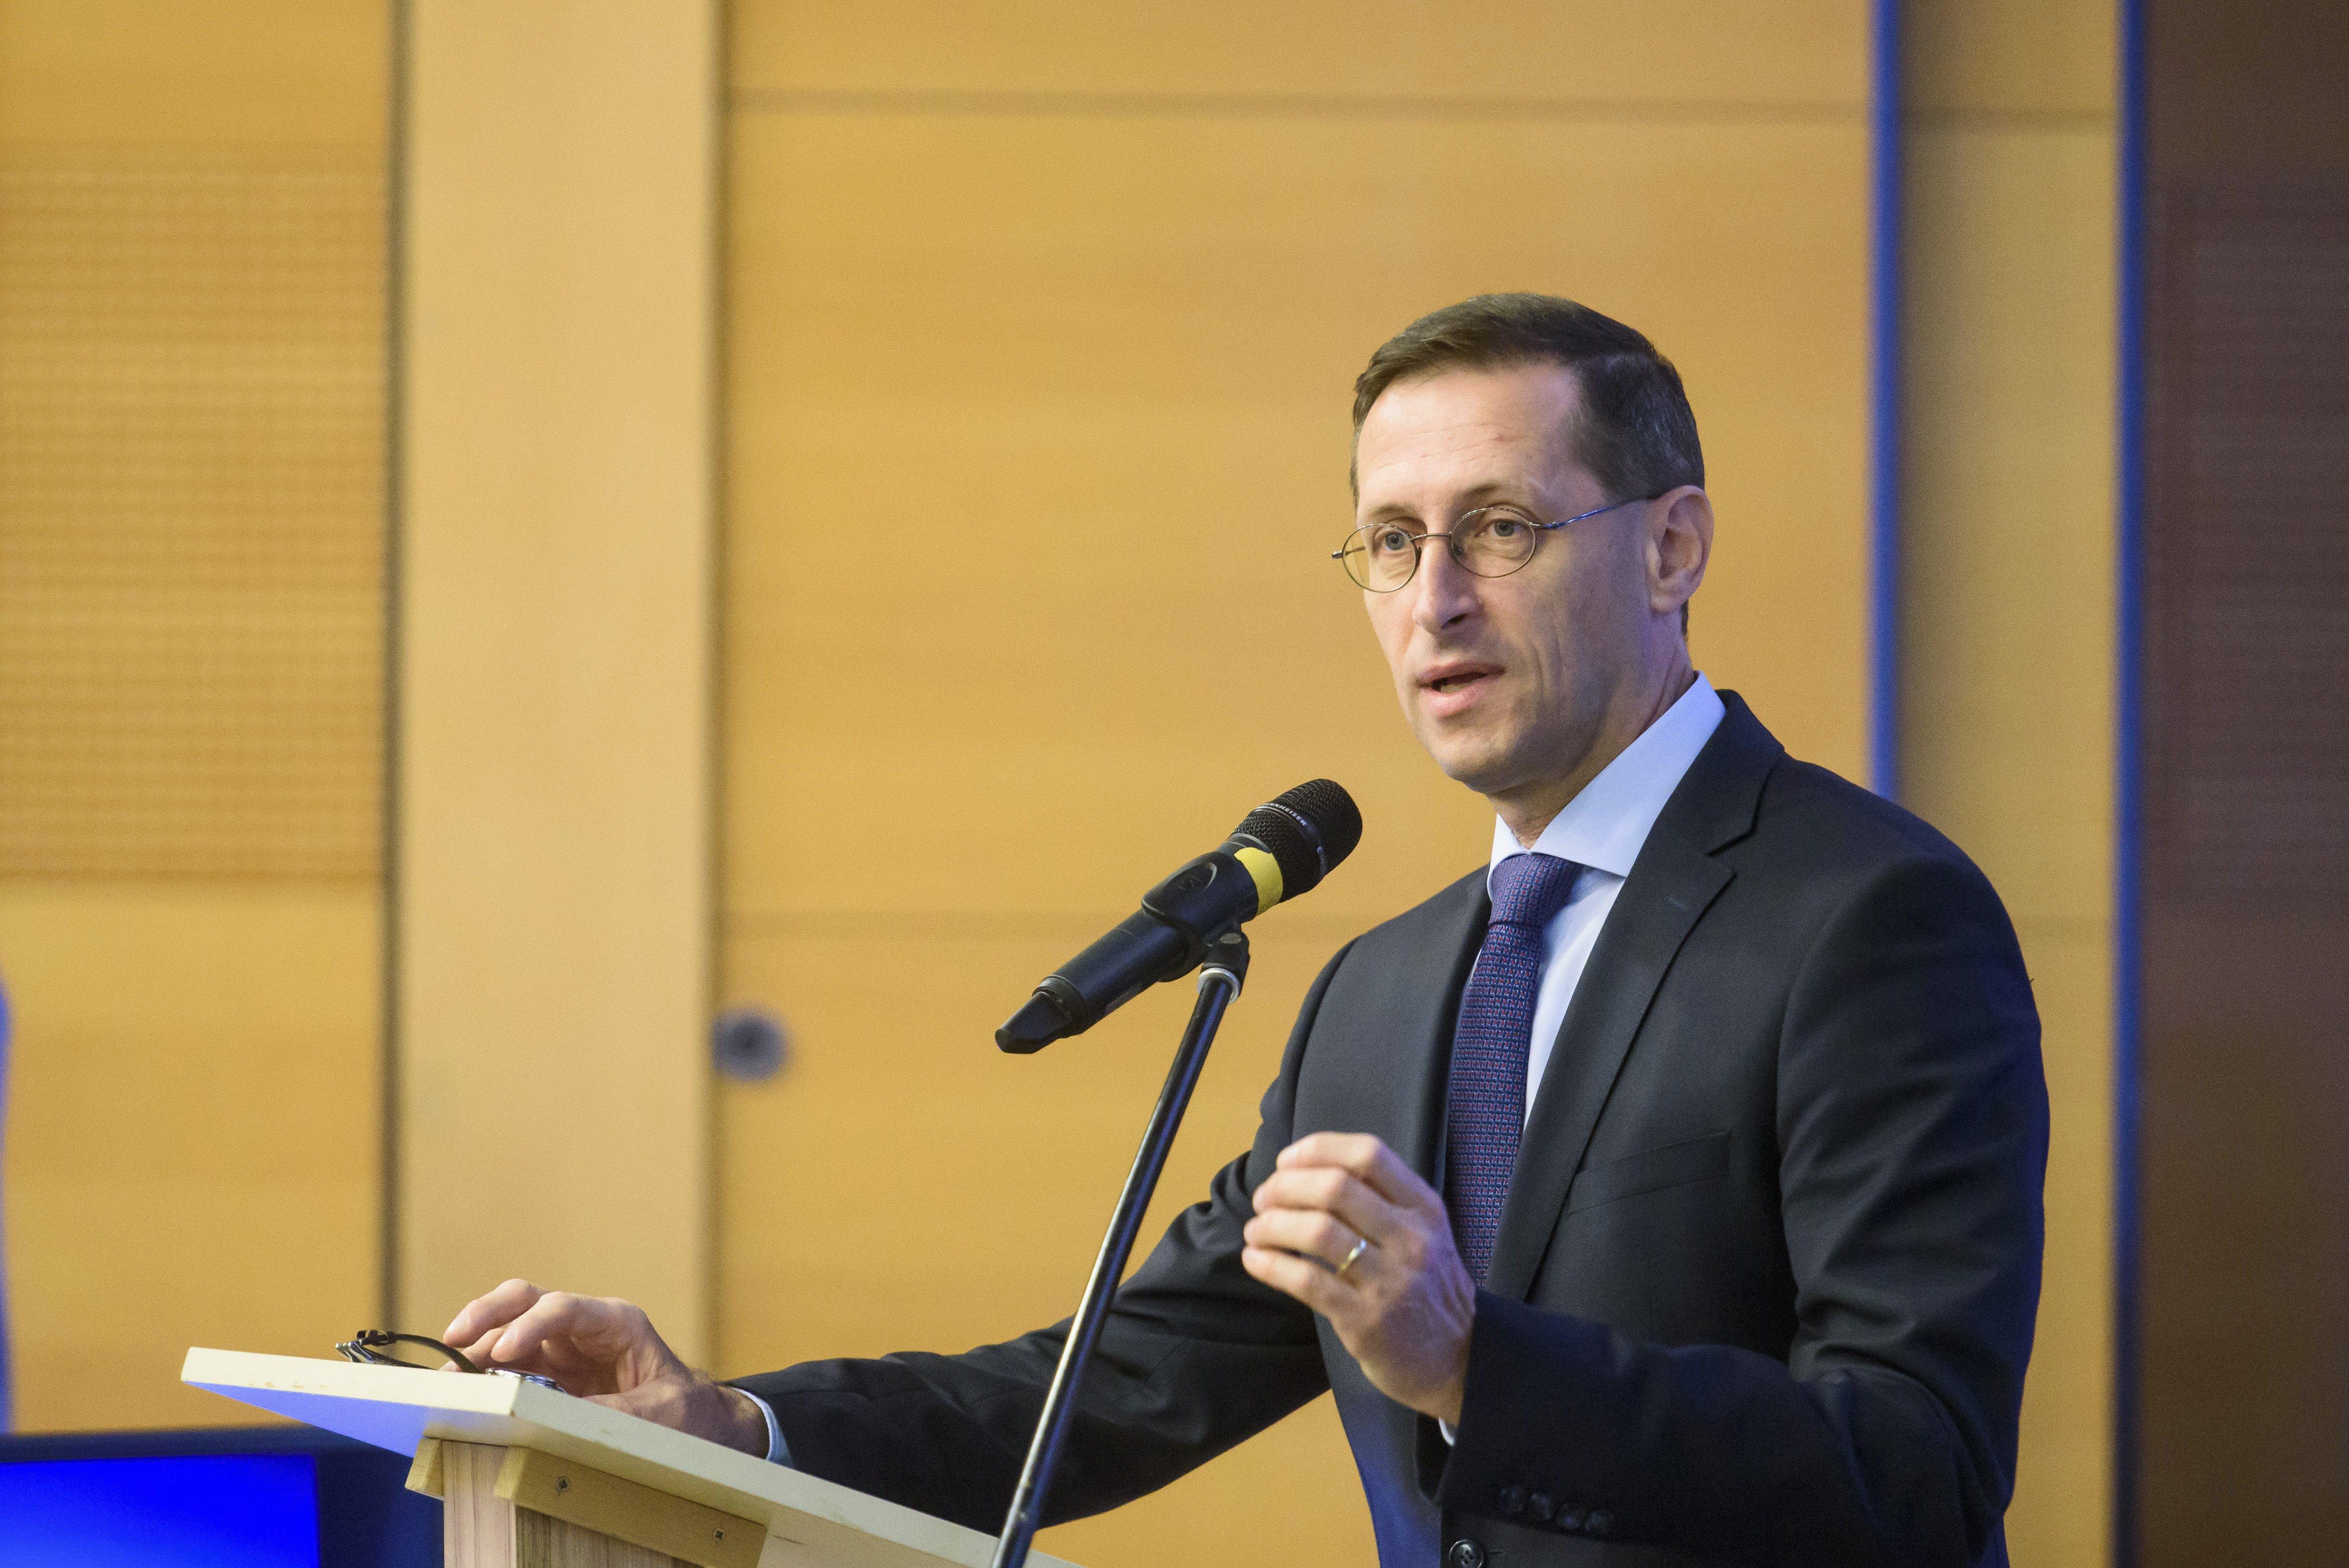 24 milliárd forintot előtörlesztünk Oroszországnak a Paks II-es hitelből